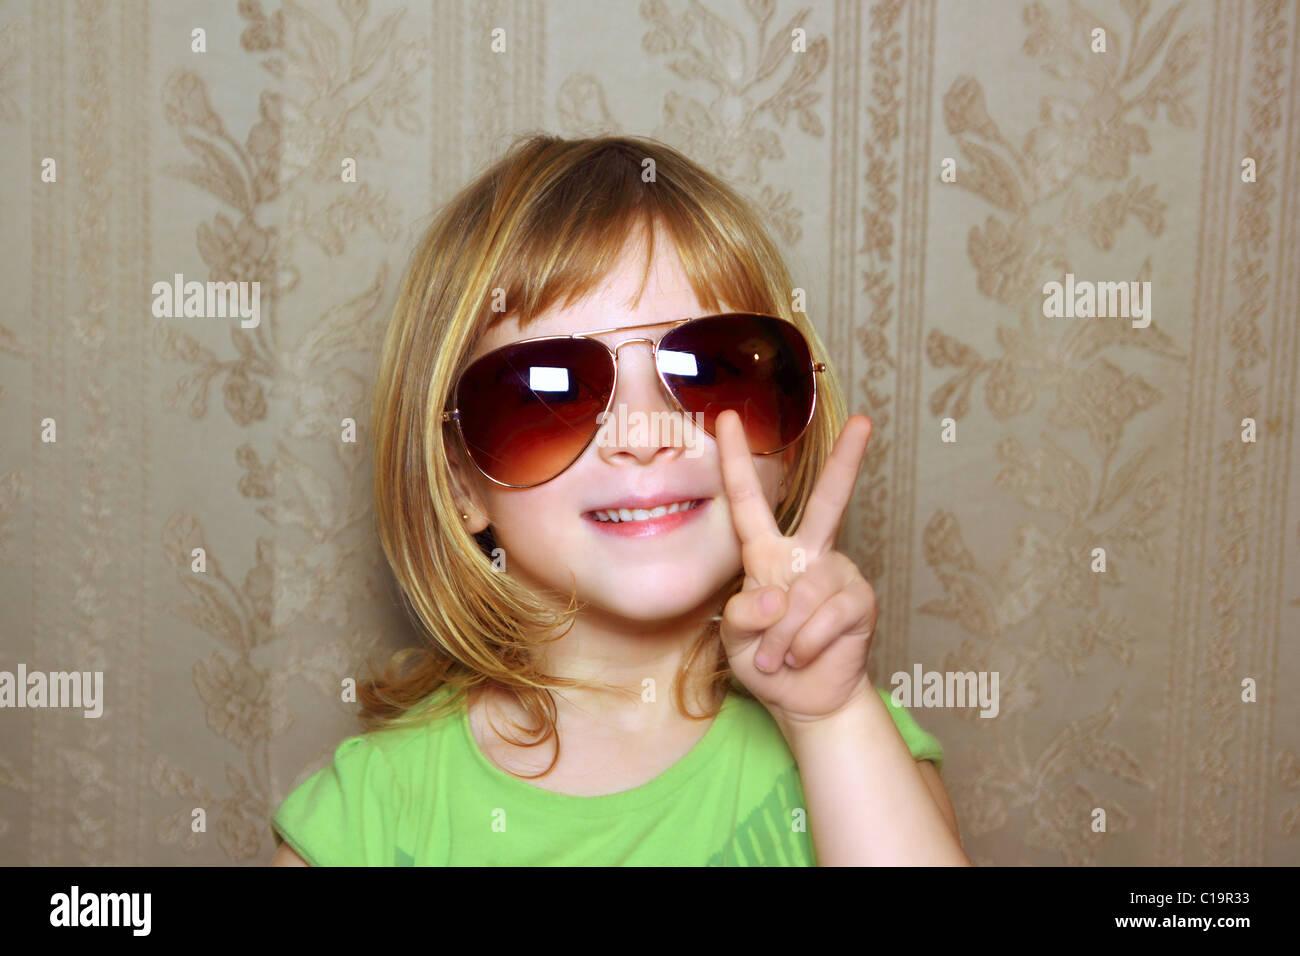 La vittoria a mano gesto bambina funny occhiali da sole retrò wallpaper Immagini Stock